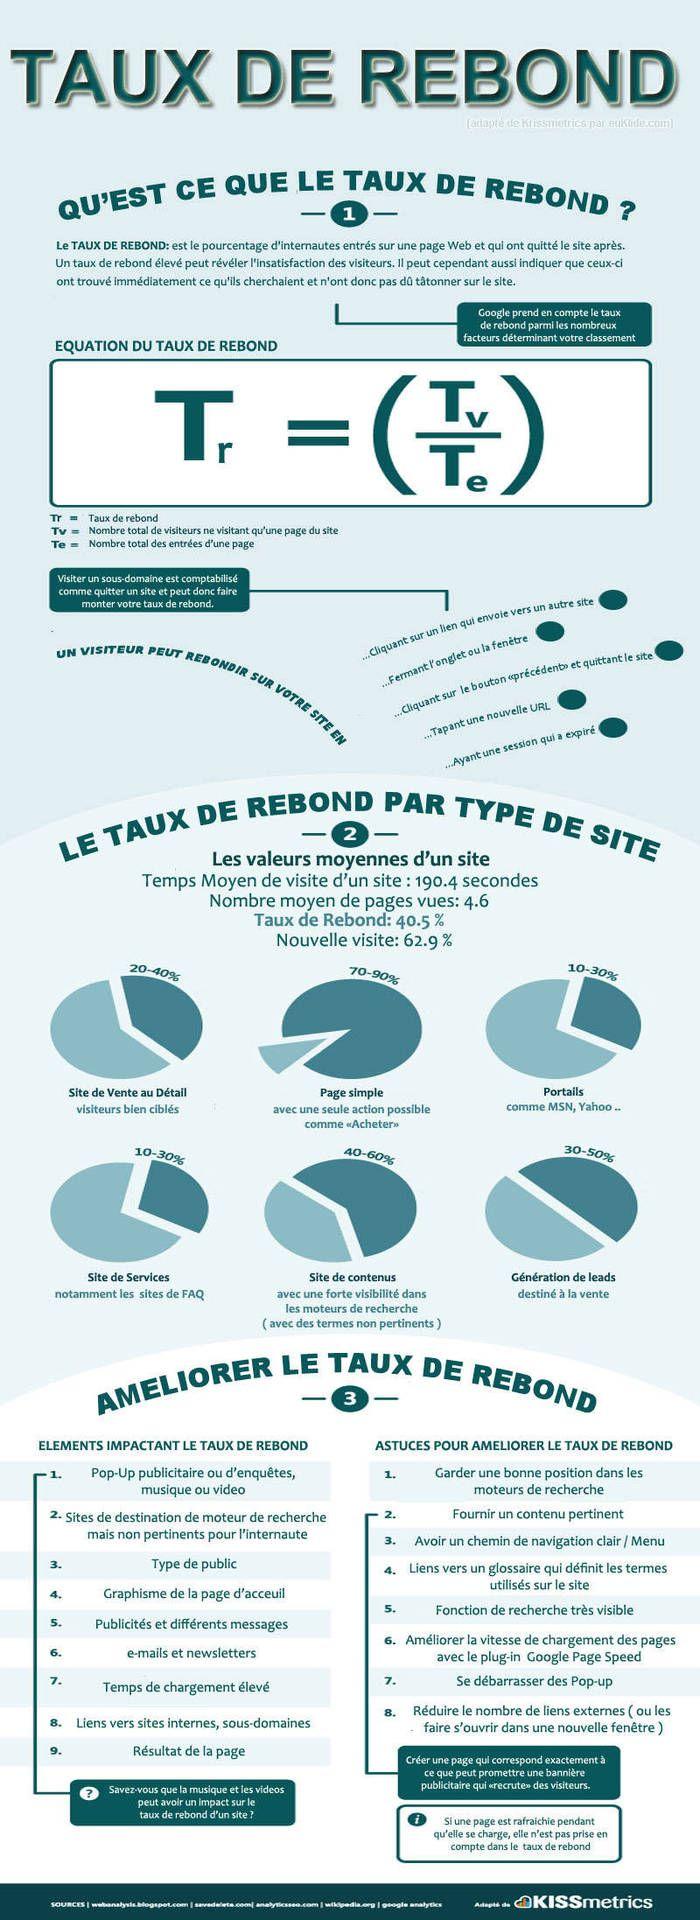 tout sur le taux de rebond http://erdelcroix.tumblr.com/post/57055717226/tout-sur-le-taux-de-rebond-via-pressmyweb